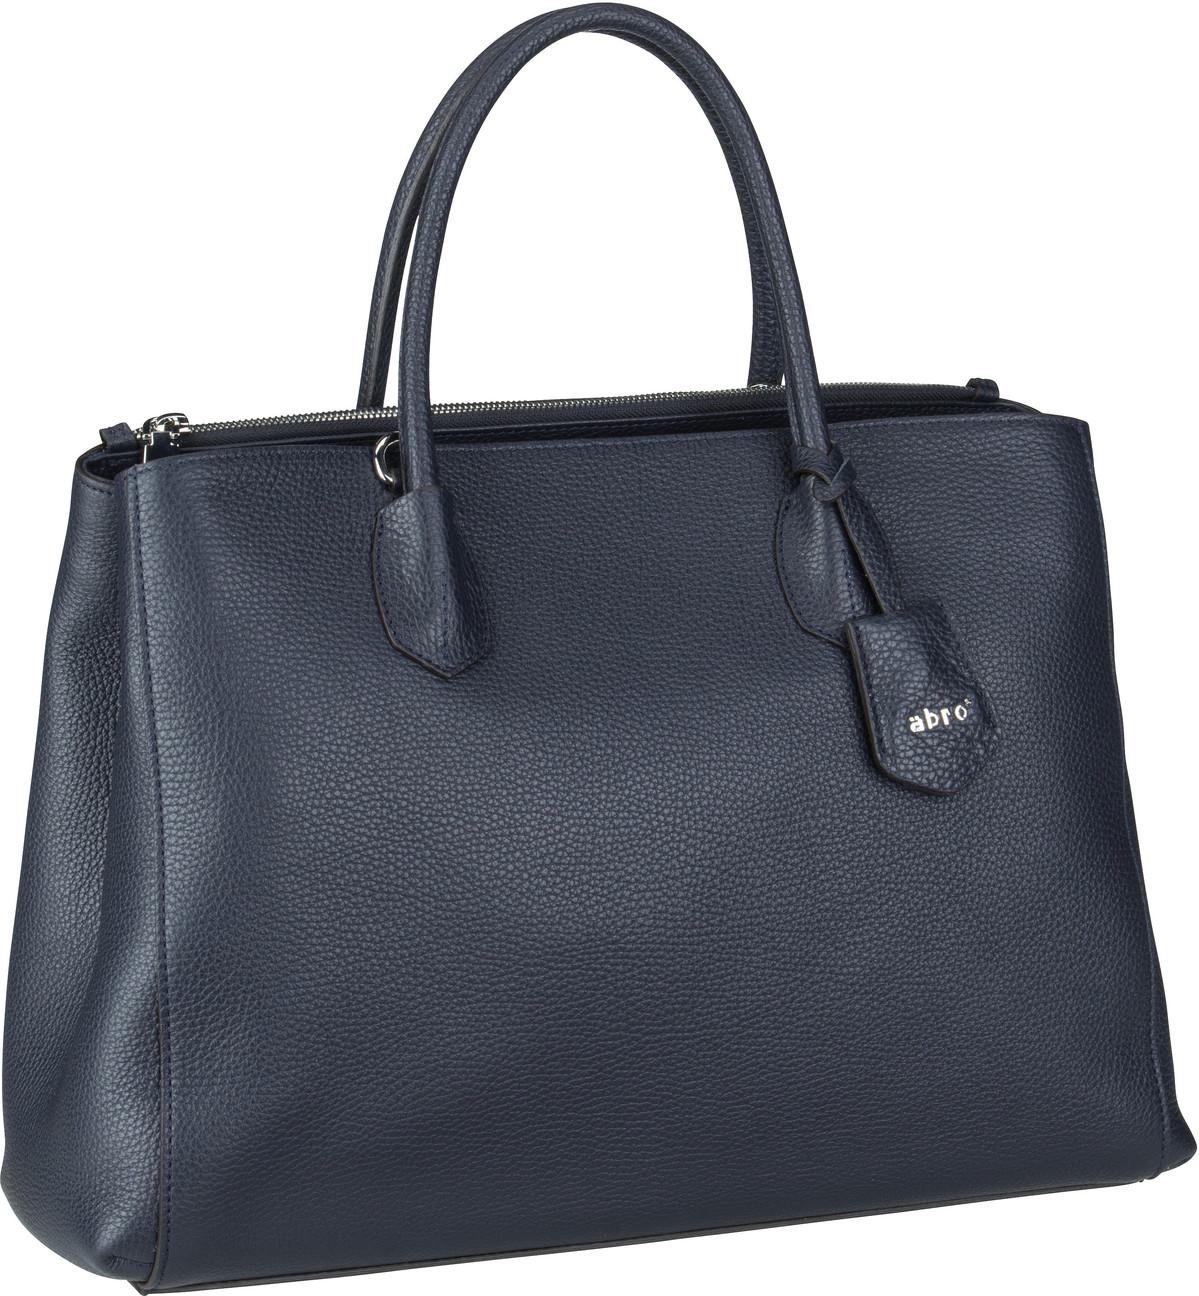 Handtasche Busy 28489 Navy